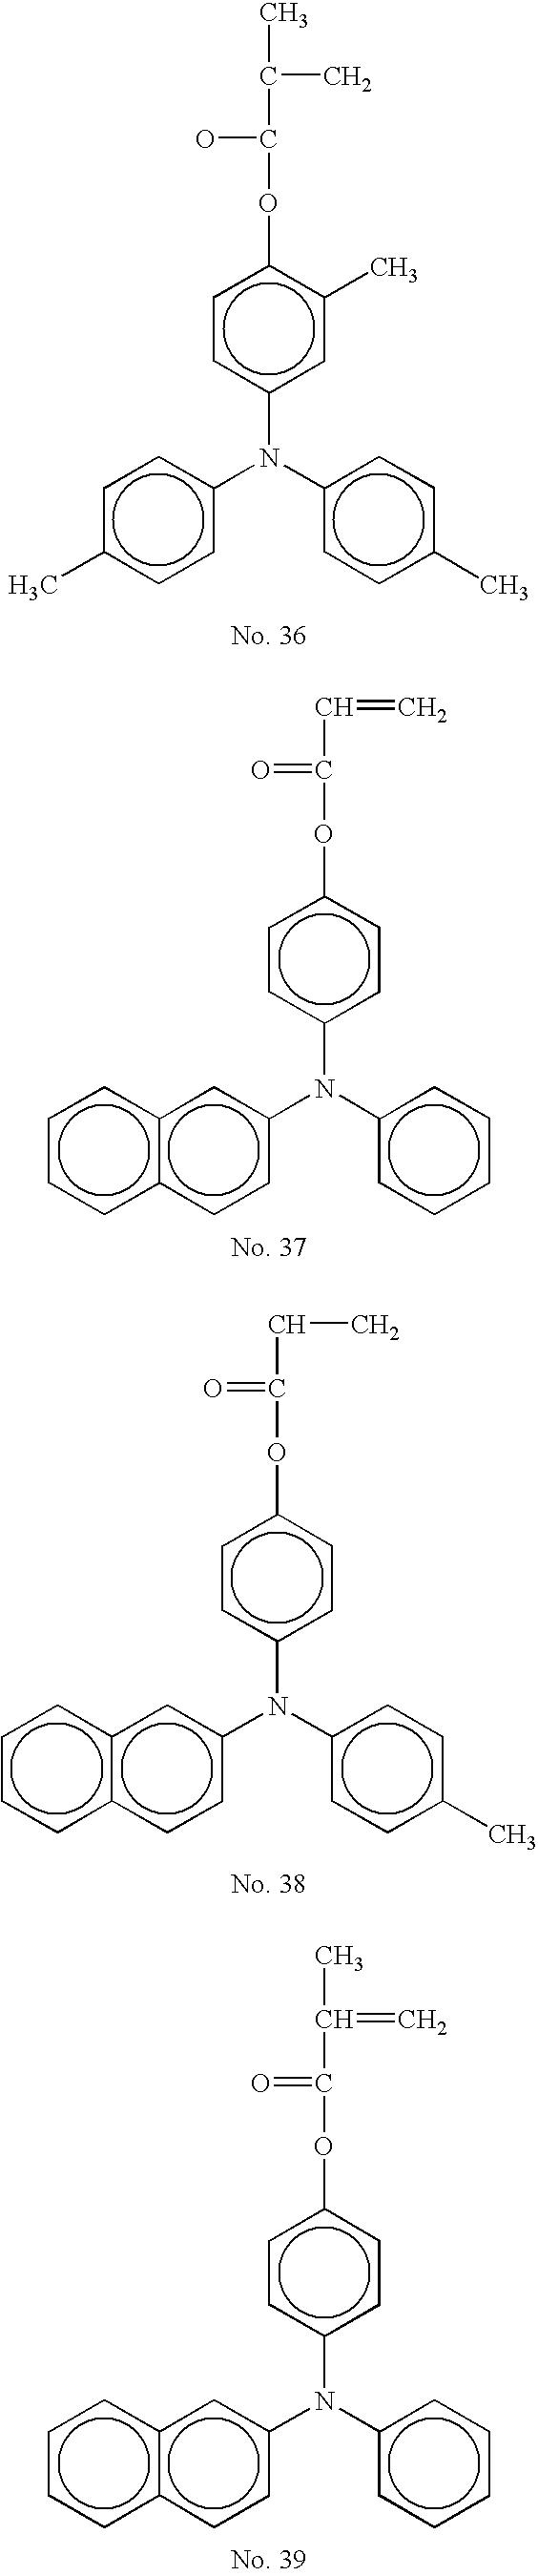 Figure US20070196749A1-20070823-C00015